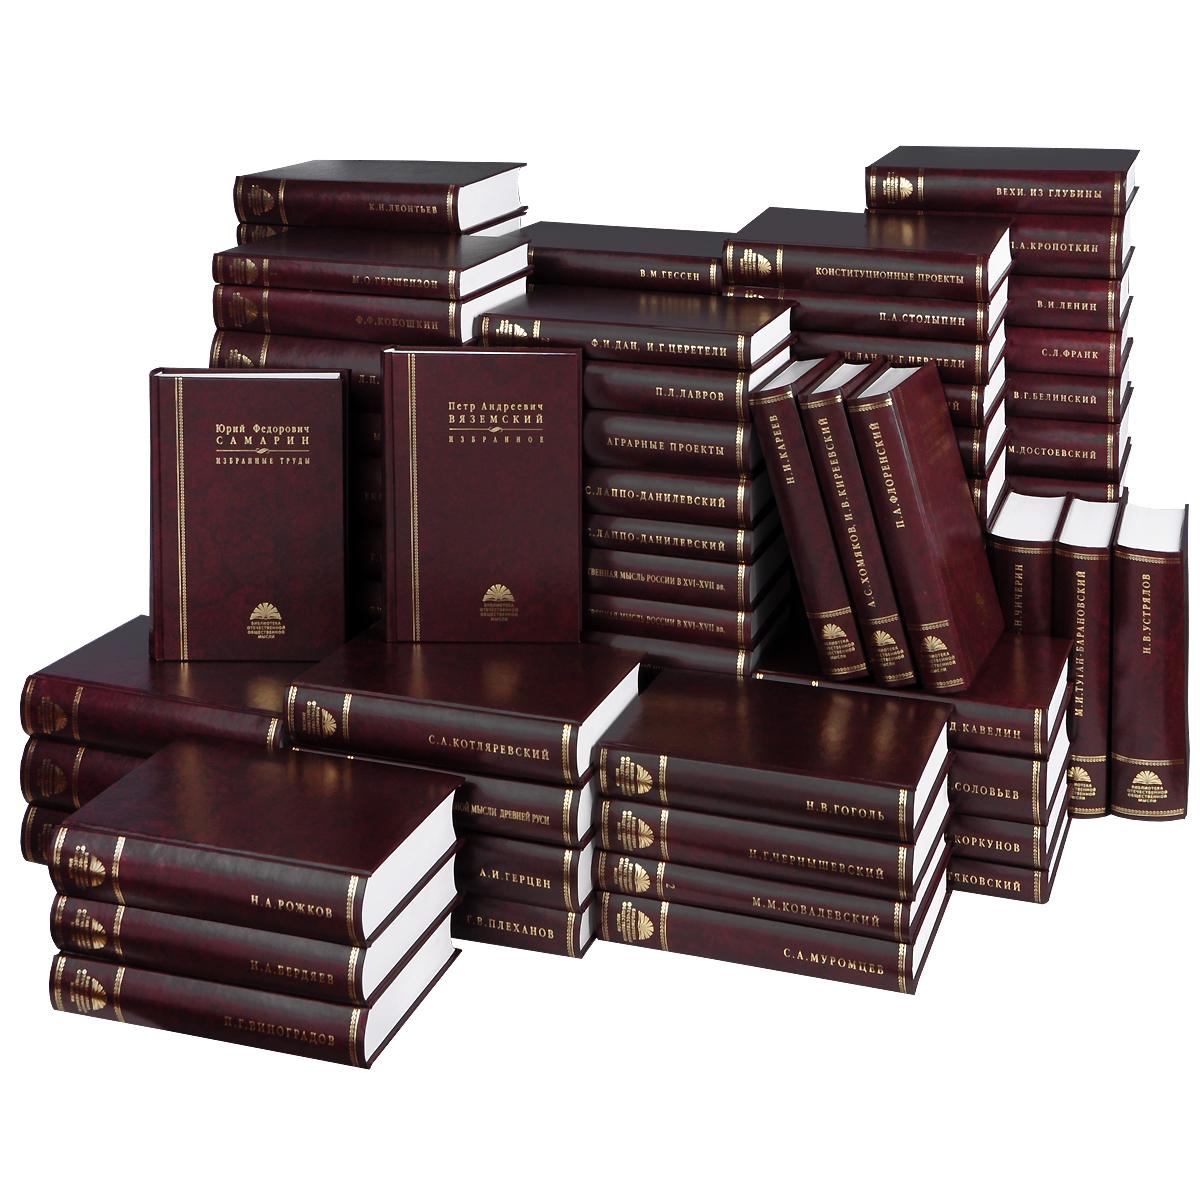 Библиотека отечественной общественной мысли с древнейших времен до начала XX века (комплект из 117 книг)